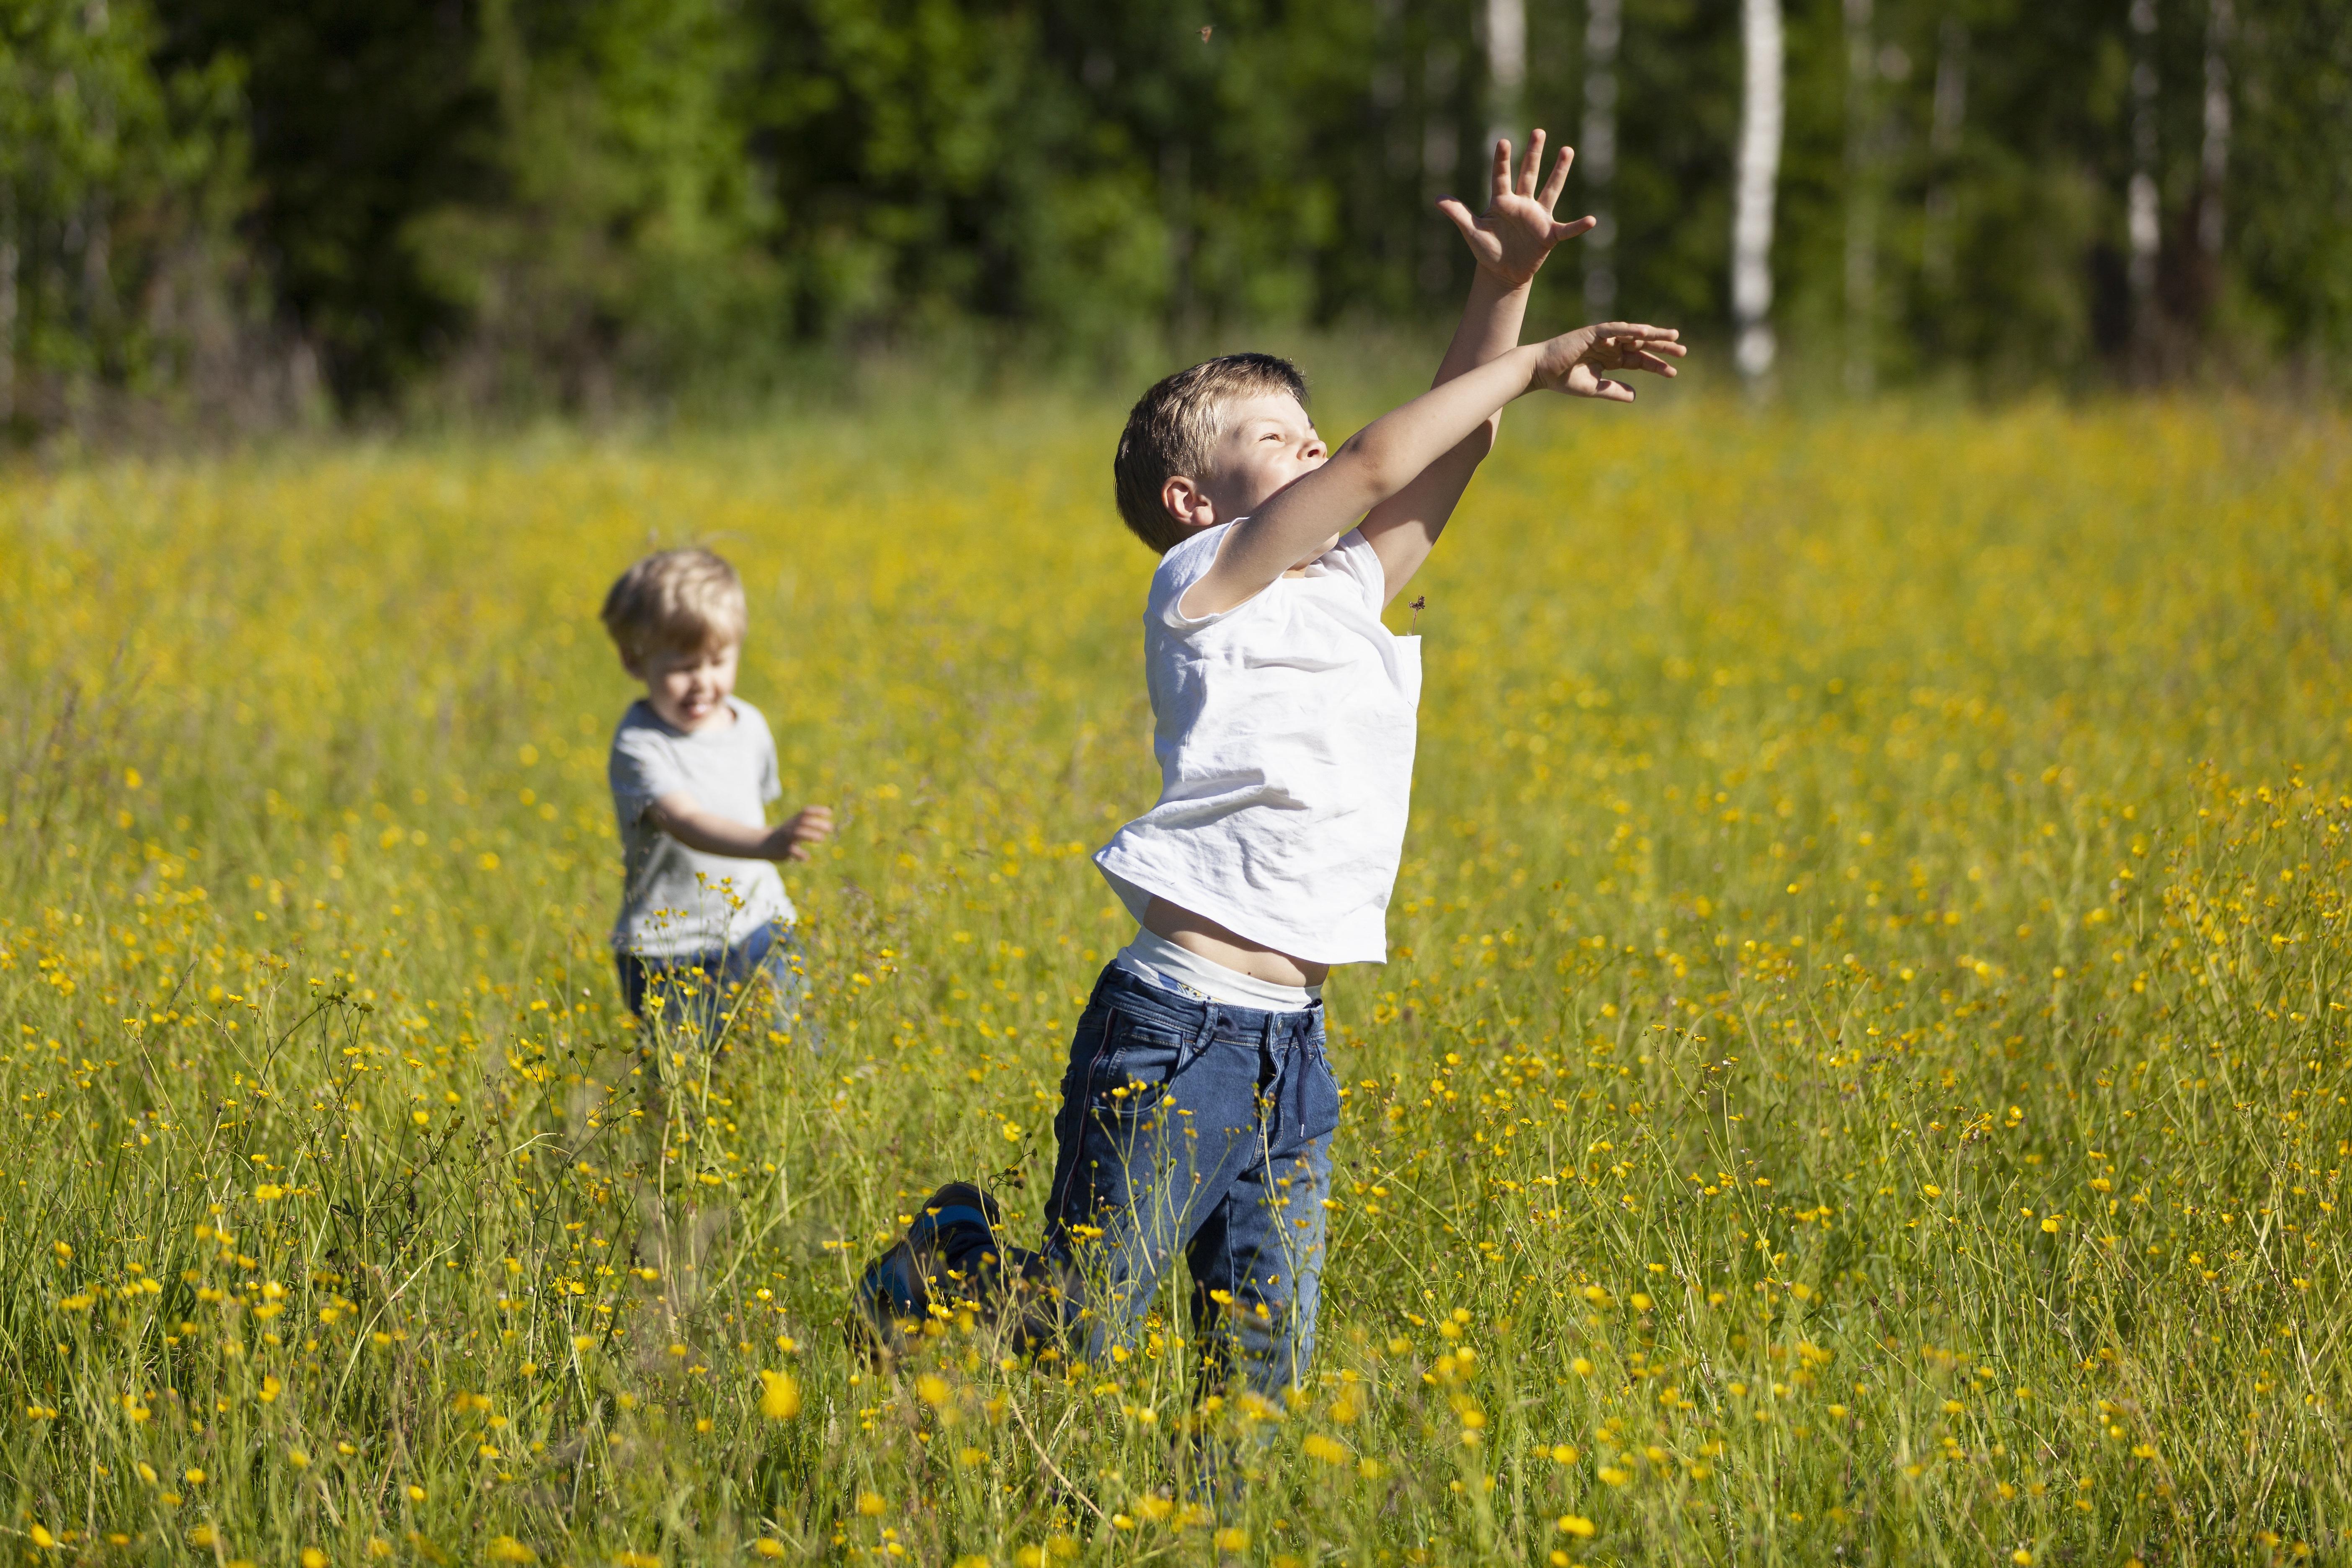 A járvány után különösen fontos lenne, hogy a gyerekek újra elkezdjenek a szabadban játszani